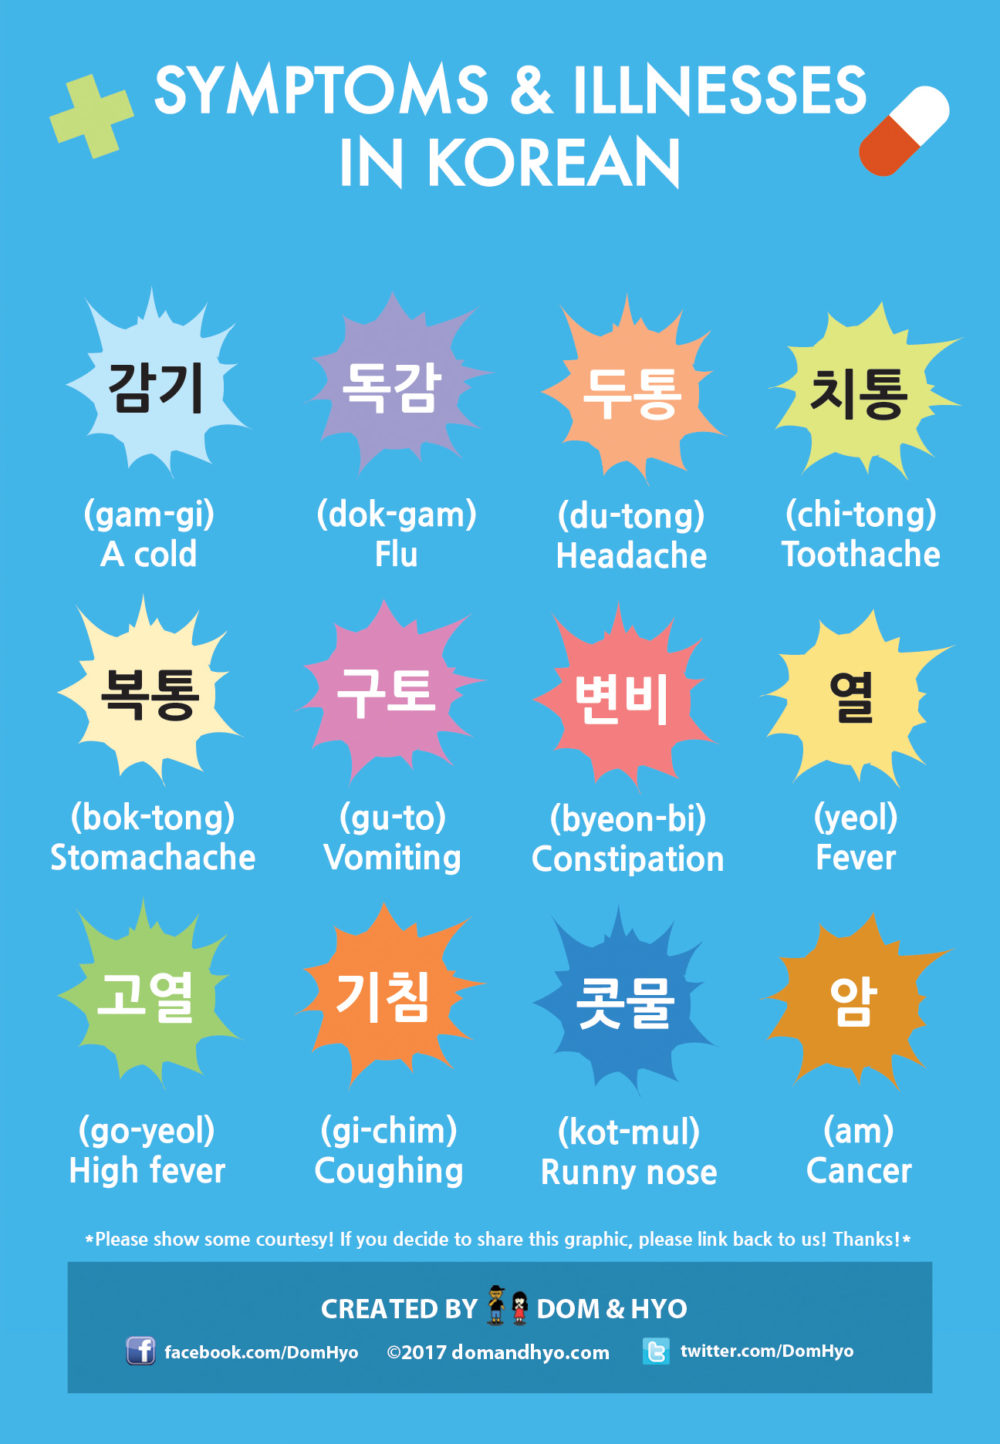 Korean Medical Vocabulary (Symptoms & Illnesses)